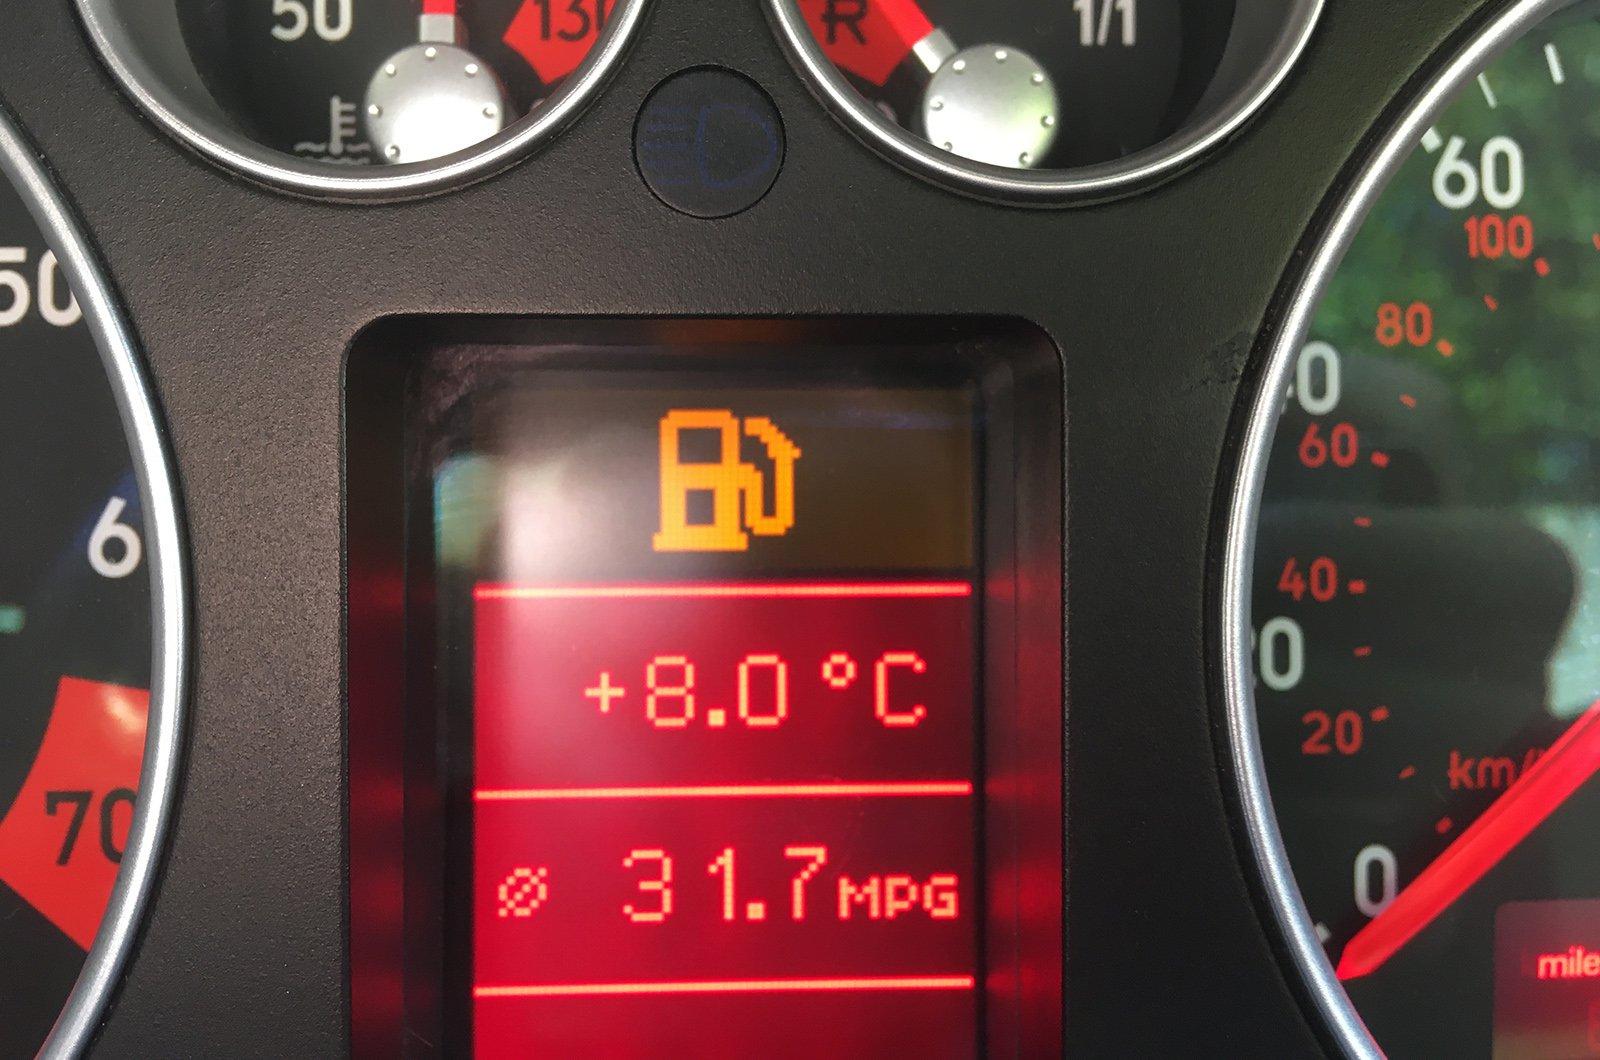 LT Audi TT empty fuel